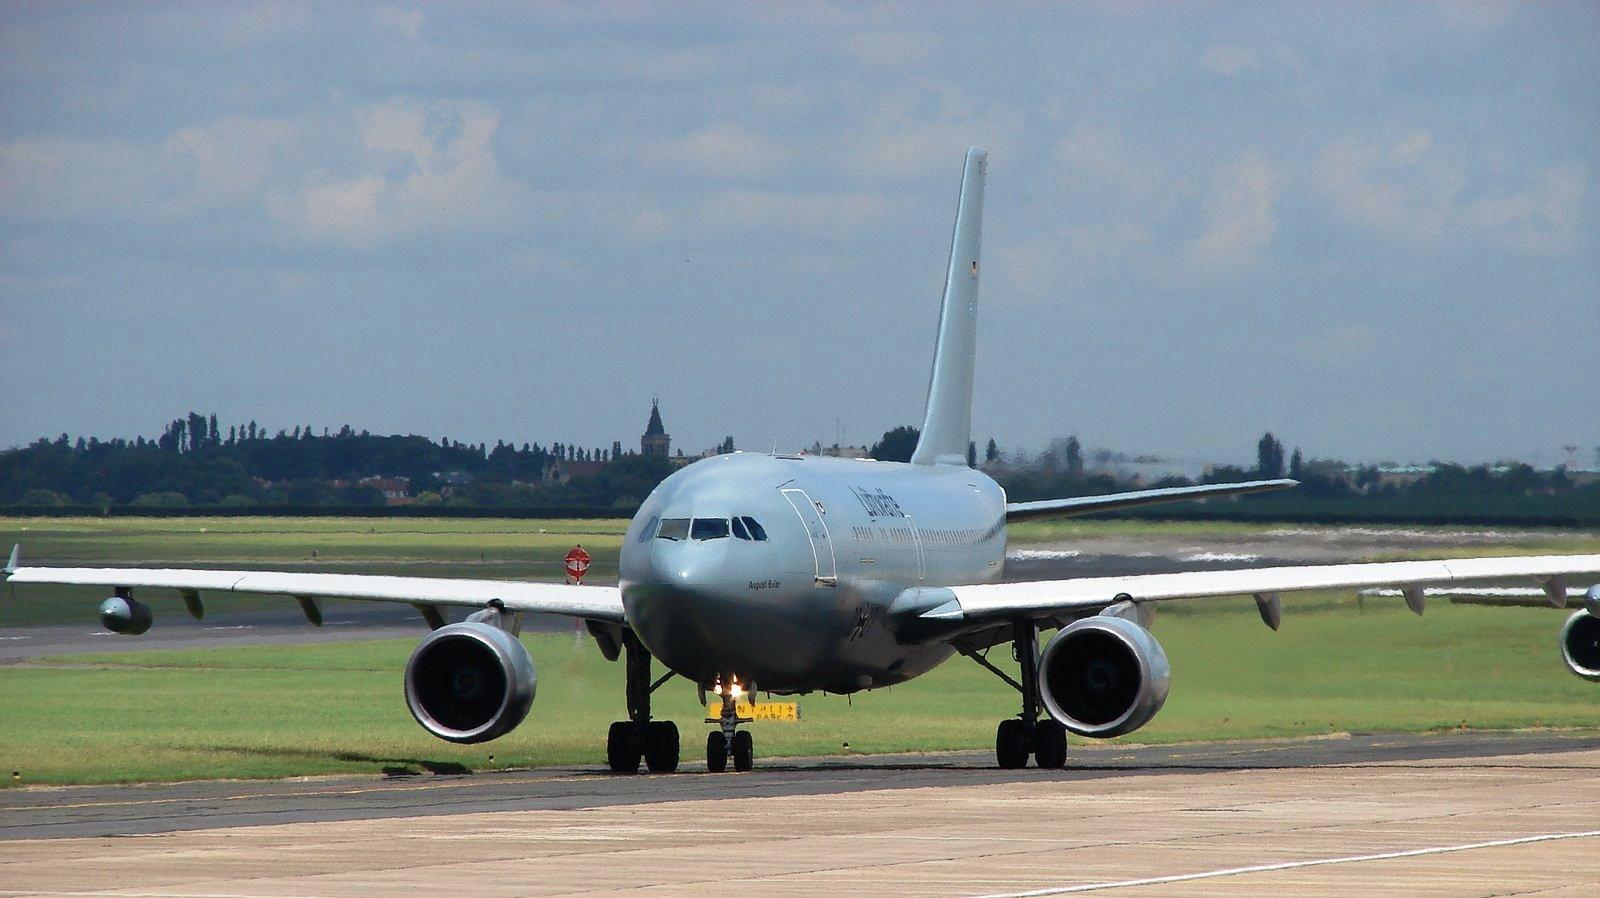 http://1.bp.blogspot.com/-vavBk3e6DO4/Th3LKkq-feI/AAAAAAAAF6Y/dQfZw1MnwoA/s1600/A330_MRTT_taxi_9487121_aircraft-wallpaper.JPG